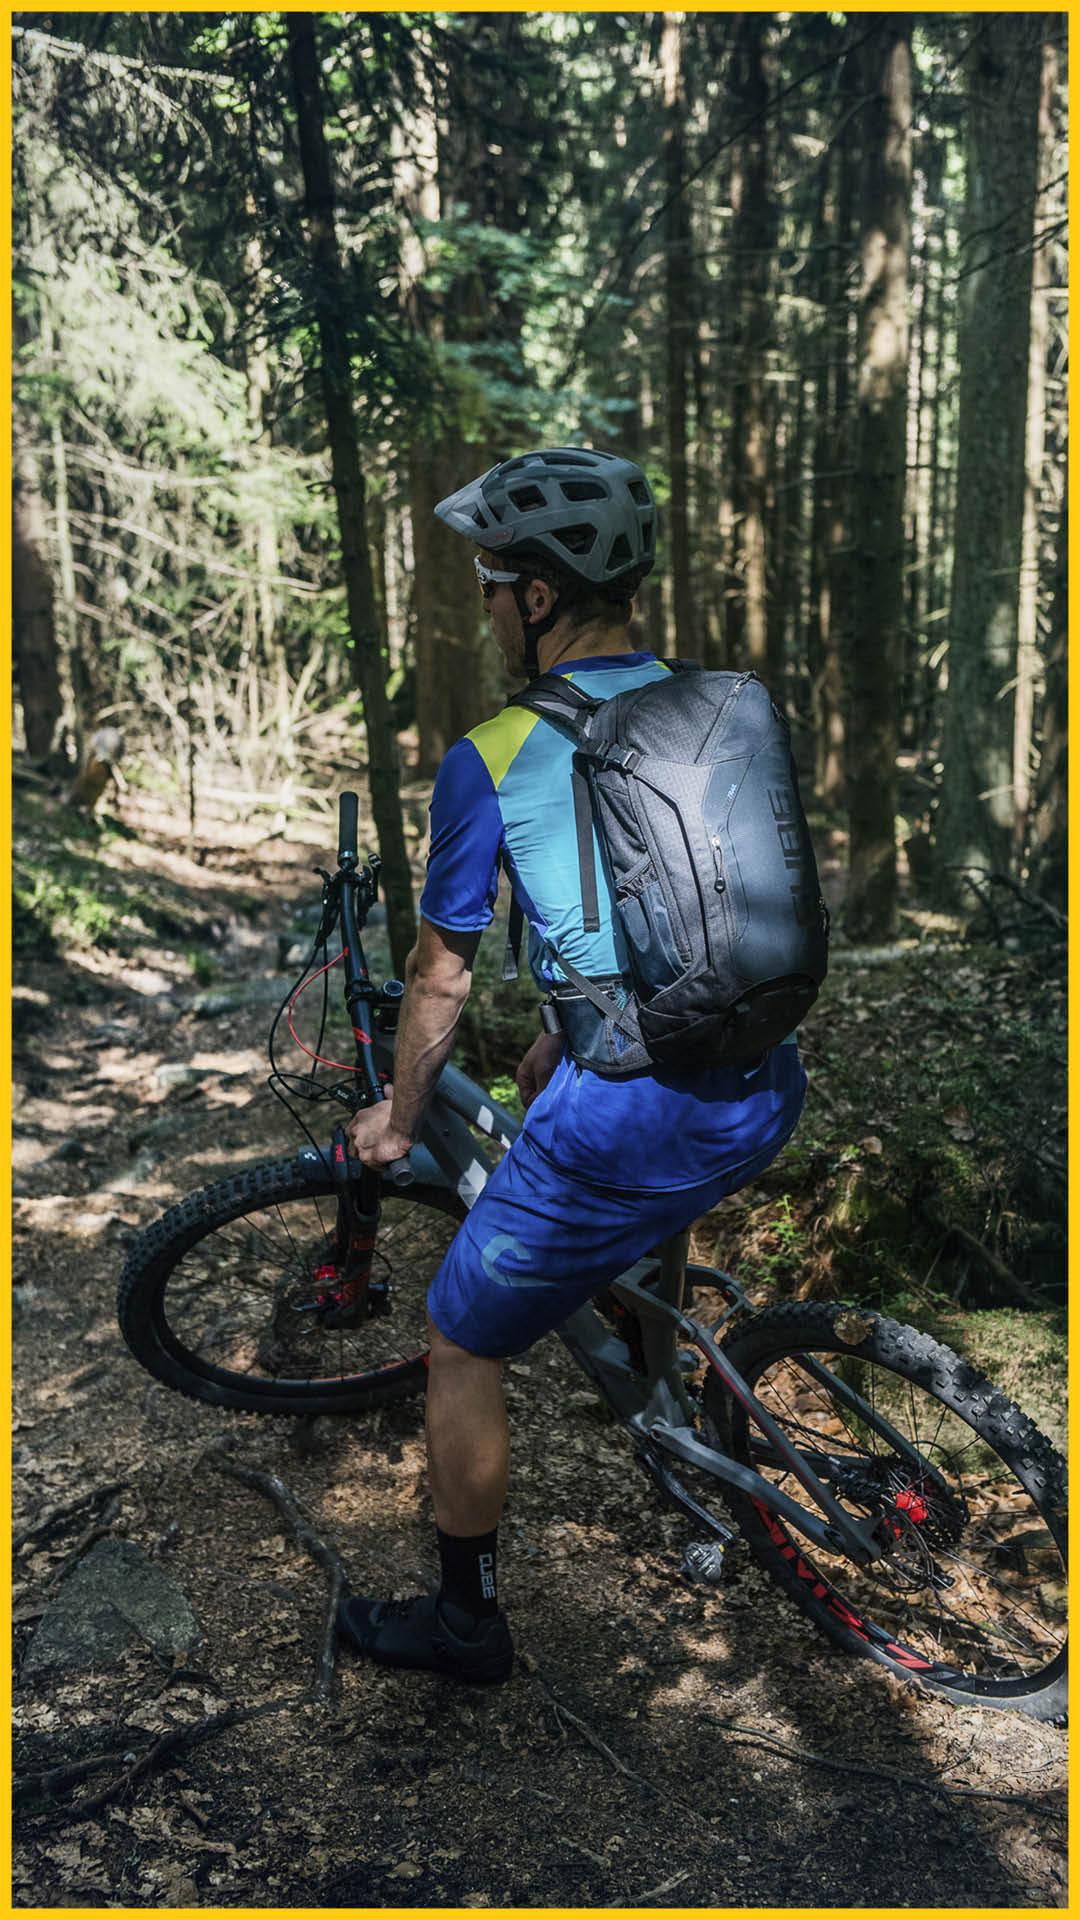 Biker auf einem CUBE Bike mit CUBE Wear und CUBE Equipment an einem sonnigem Tag im Wald auf dem Bach Radweg durchgeführt vom Werra Bikes